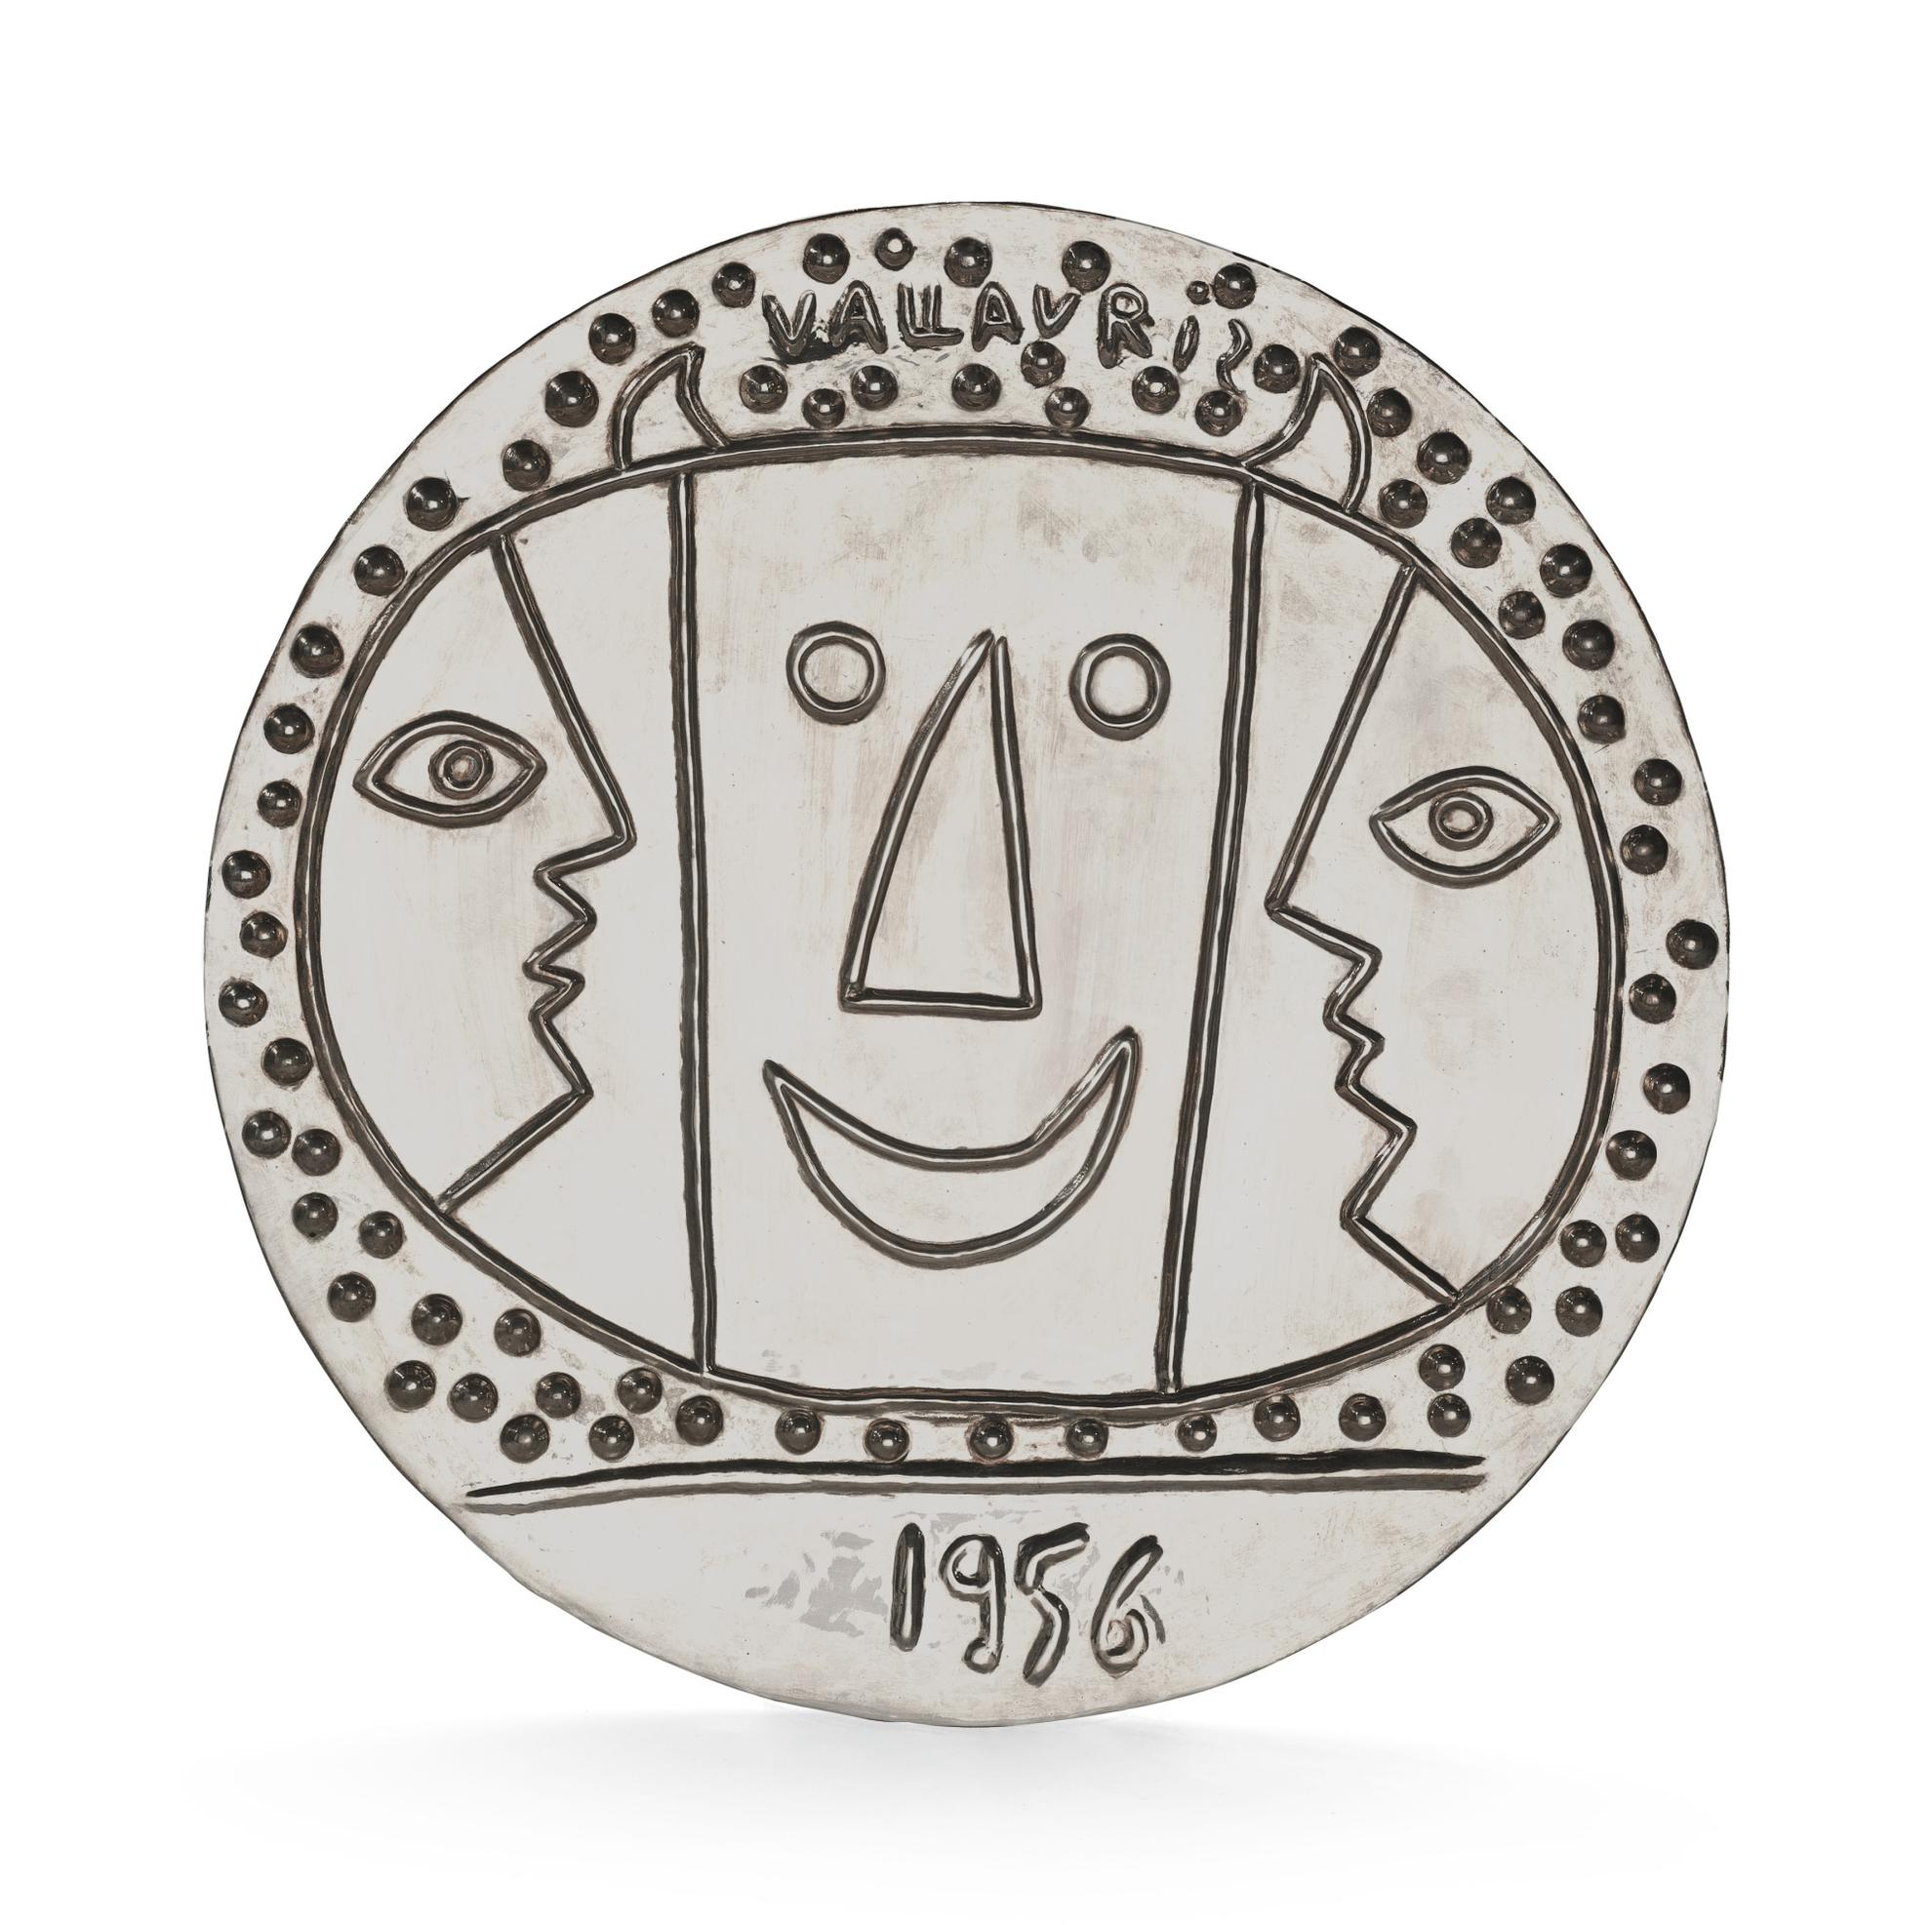 Pablo Picasso-Vallauris-1967